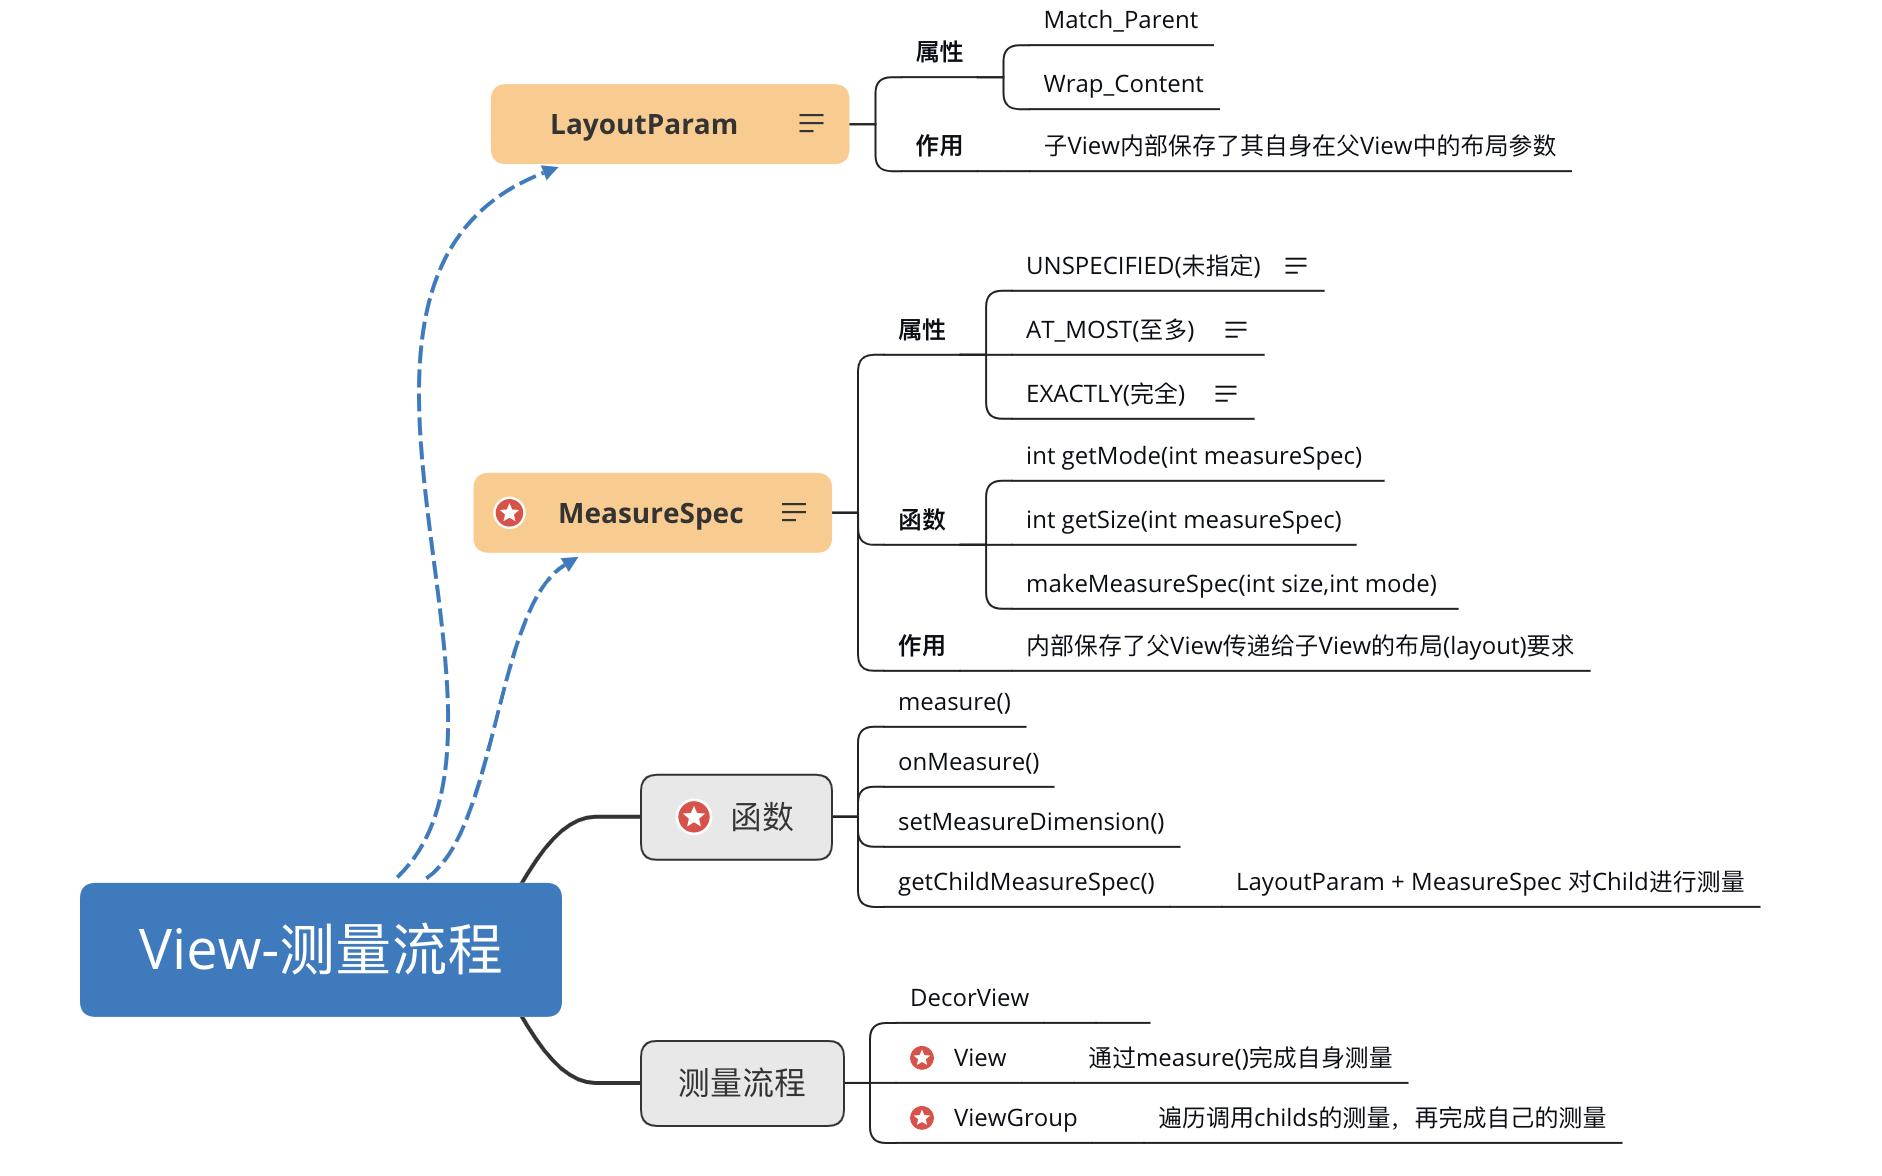 反思|Android View机制设计与实现:测量流程